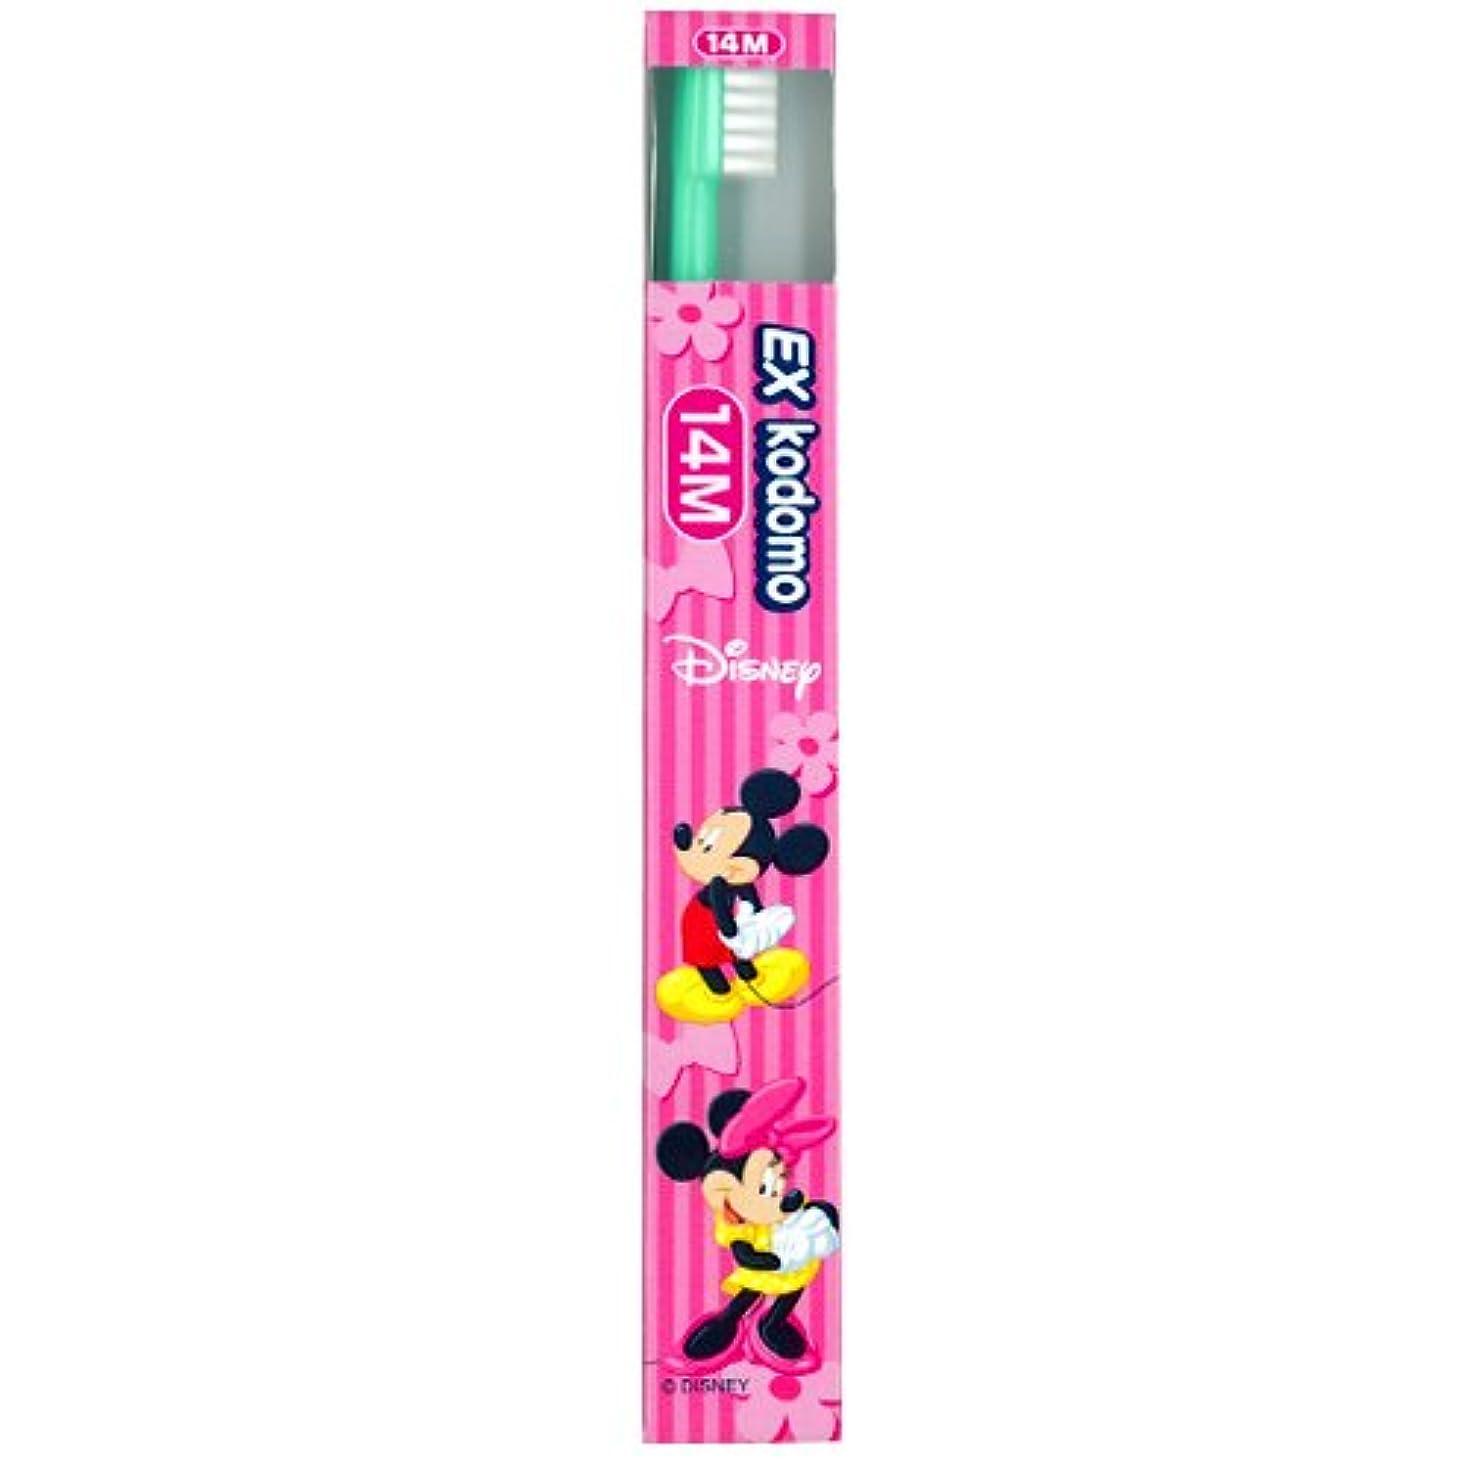 原稿起こる署名ライオン EX kodomo ディズニー 歯ブラシ 1本 14M グリーン